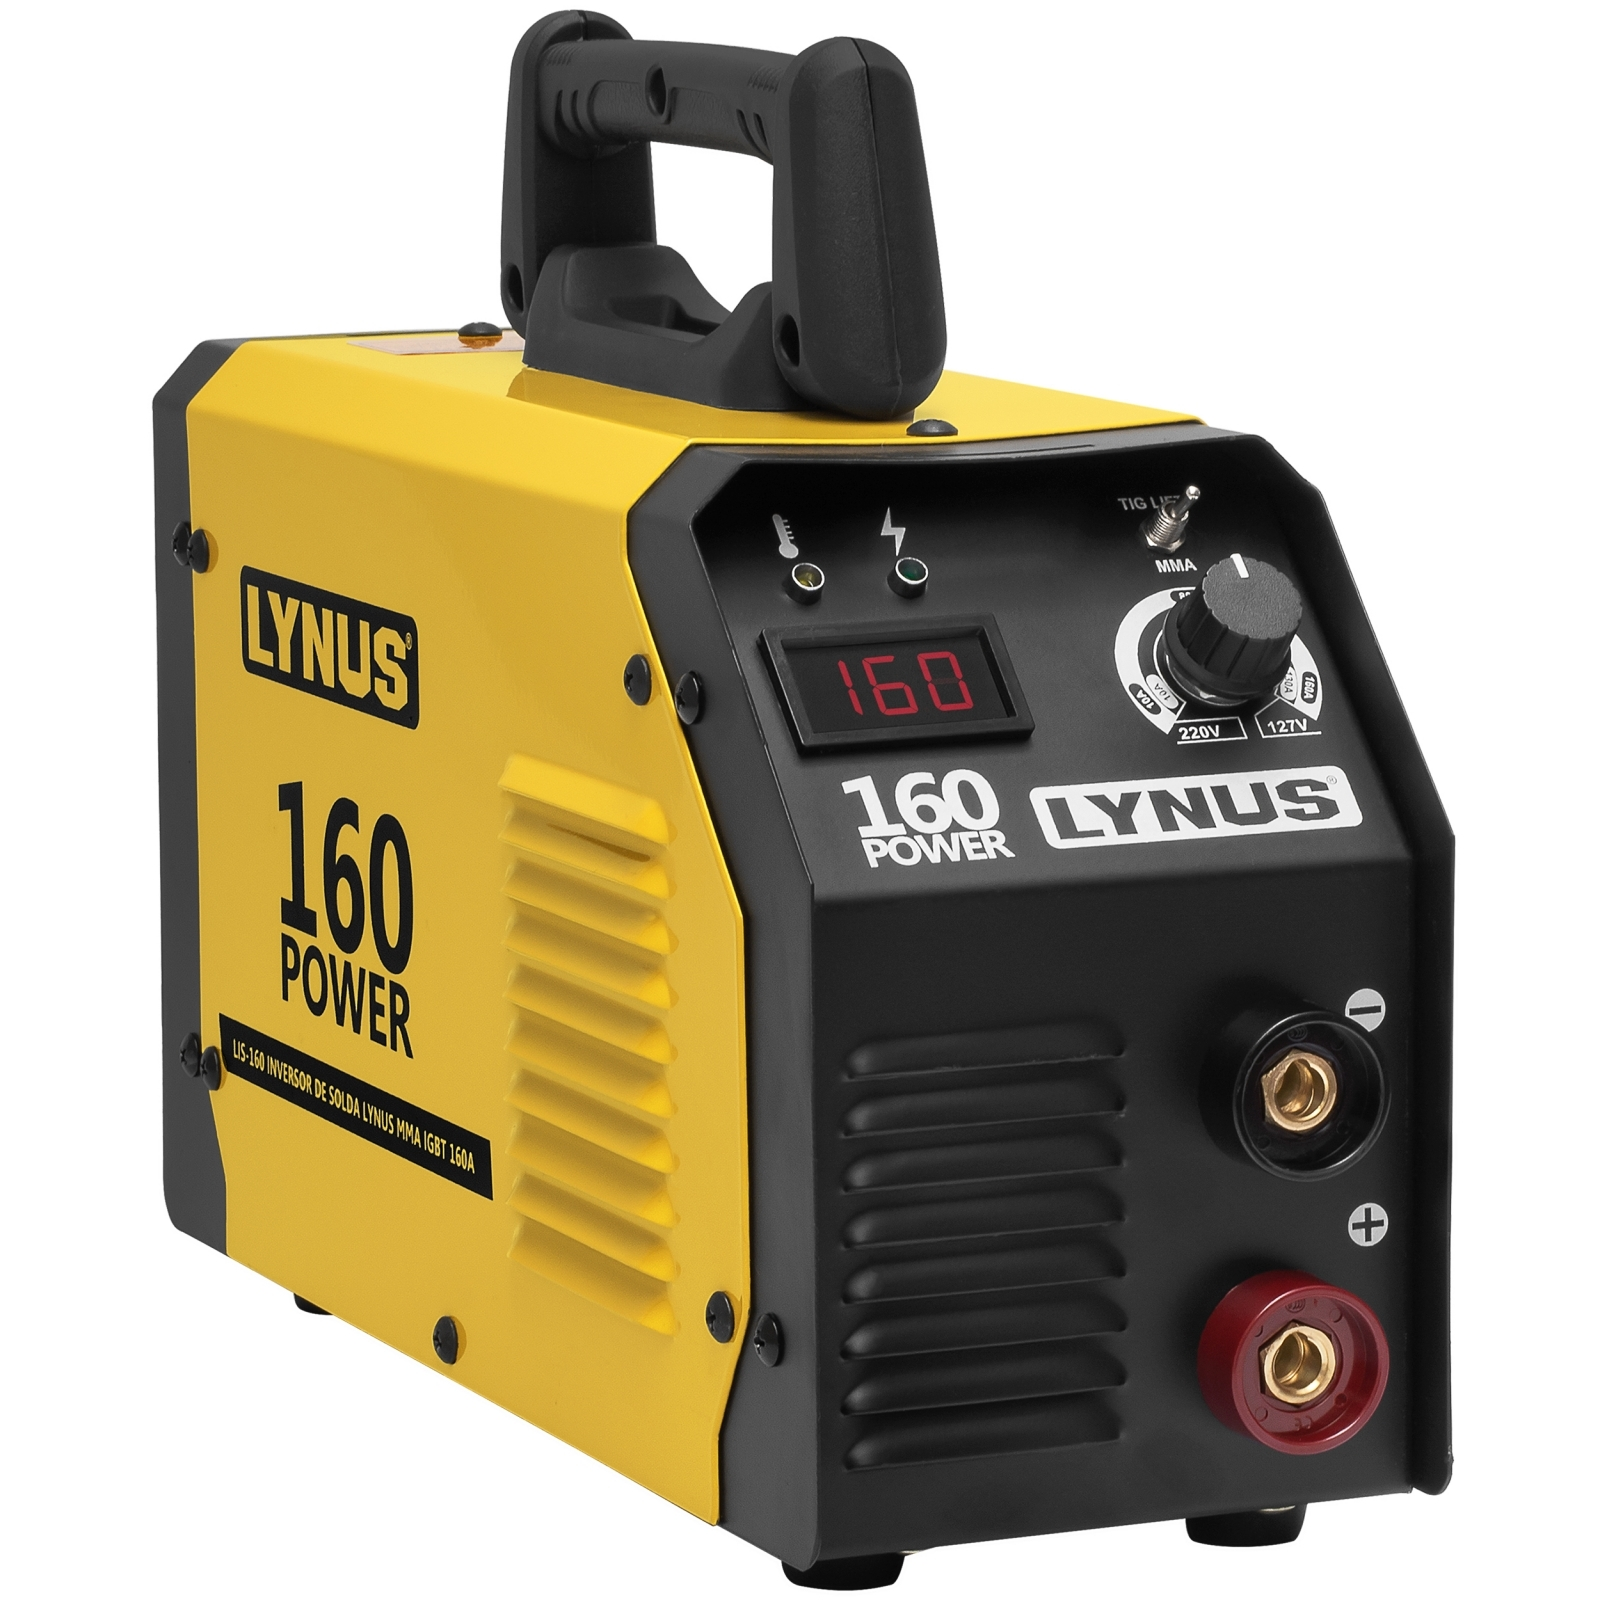 Inversora De Solda Eletrodo Lynus 160amp Bivolt Lis-160 L16 - Ferramentas MEP